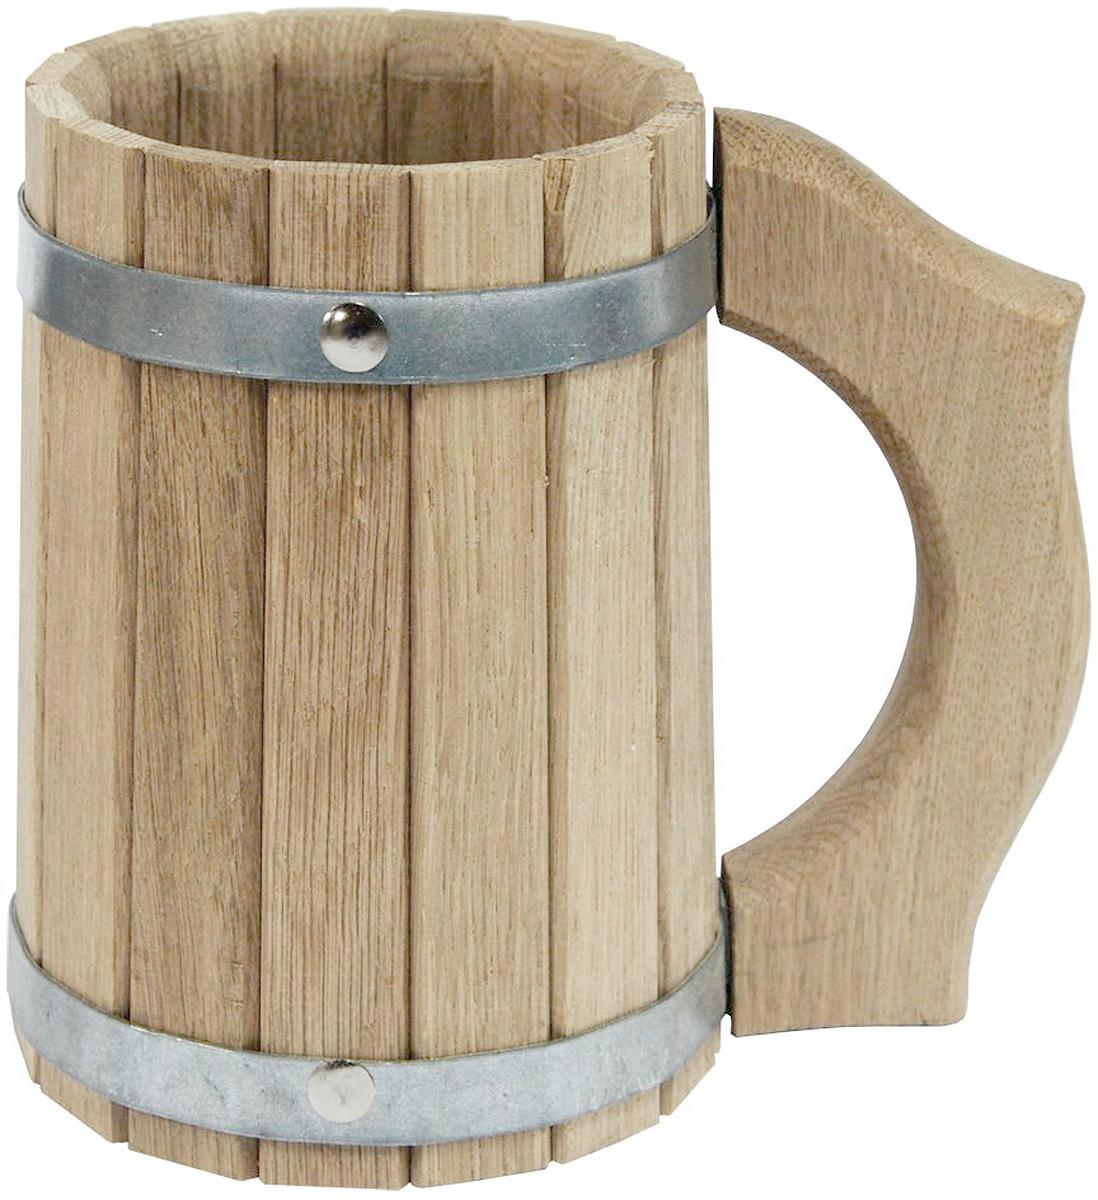 Кружка для бани и сауны Proffi Sauna, 1 лC0042416Кружка Proffi Sauna выполнена из натурального дуба с двумя металлическими обручами и резной ручкой. Она просто незаменима для подачи напитков, приготовления отваров из трав и ароматических масел, также подходит для декора или в качестве сувенира.Эксплуатация бондарных изделий. Перед первым использованием бондарное изделие рекомендуется подготовить. Для этого нужно наполнить изделие холодной водой и оставить наполненным на 2-3 часа. Затем необходимо воду слить, обдать изделие сначала горячей, потом холодной водой.Не рекомендуется оставлять бондарные изделия около нагревательных приборов, а также под длительным воздействием прямых солнечных лучей.С момента начала использования бондарного изделия не рекомендуется оставлять его без воды на срок более 1 недели. Но и продолжительное время хранить в таких изделиях воду тоже не следует.После каждого использования необходимо вымыть и ошпарить изделие кипятком. В качестве моющих средств желательно использовать пищевую соду либо раствор горчичного порошка.Правильное обращение с бондарными изделиями позволит надолго сохранить их эксплуатационные свойства и продлить срок использования! .Объем кружки: 1 л. Диаметр по верхнему краю: 10,5 см. Высота стенки: 16 см. Длина ручки: 14 см.